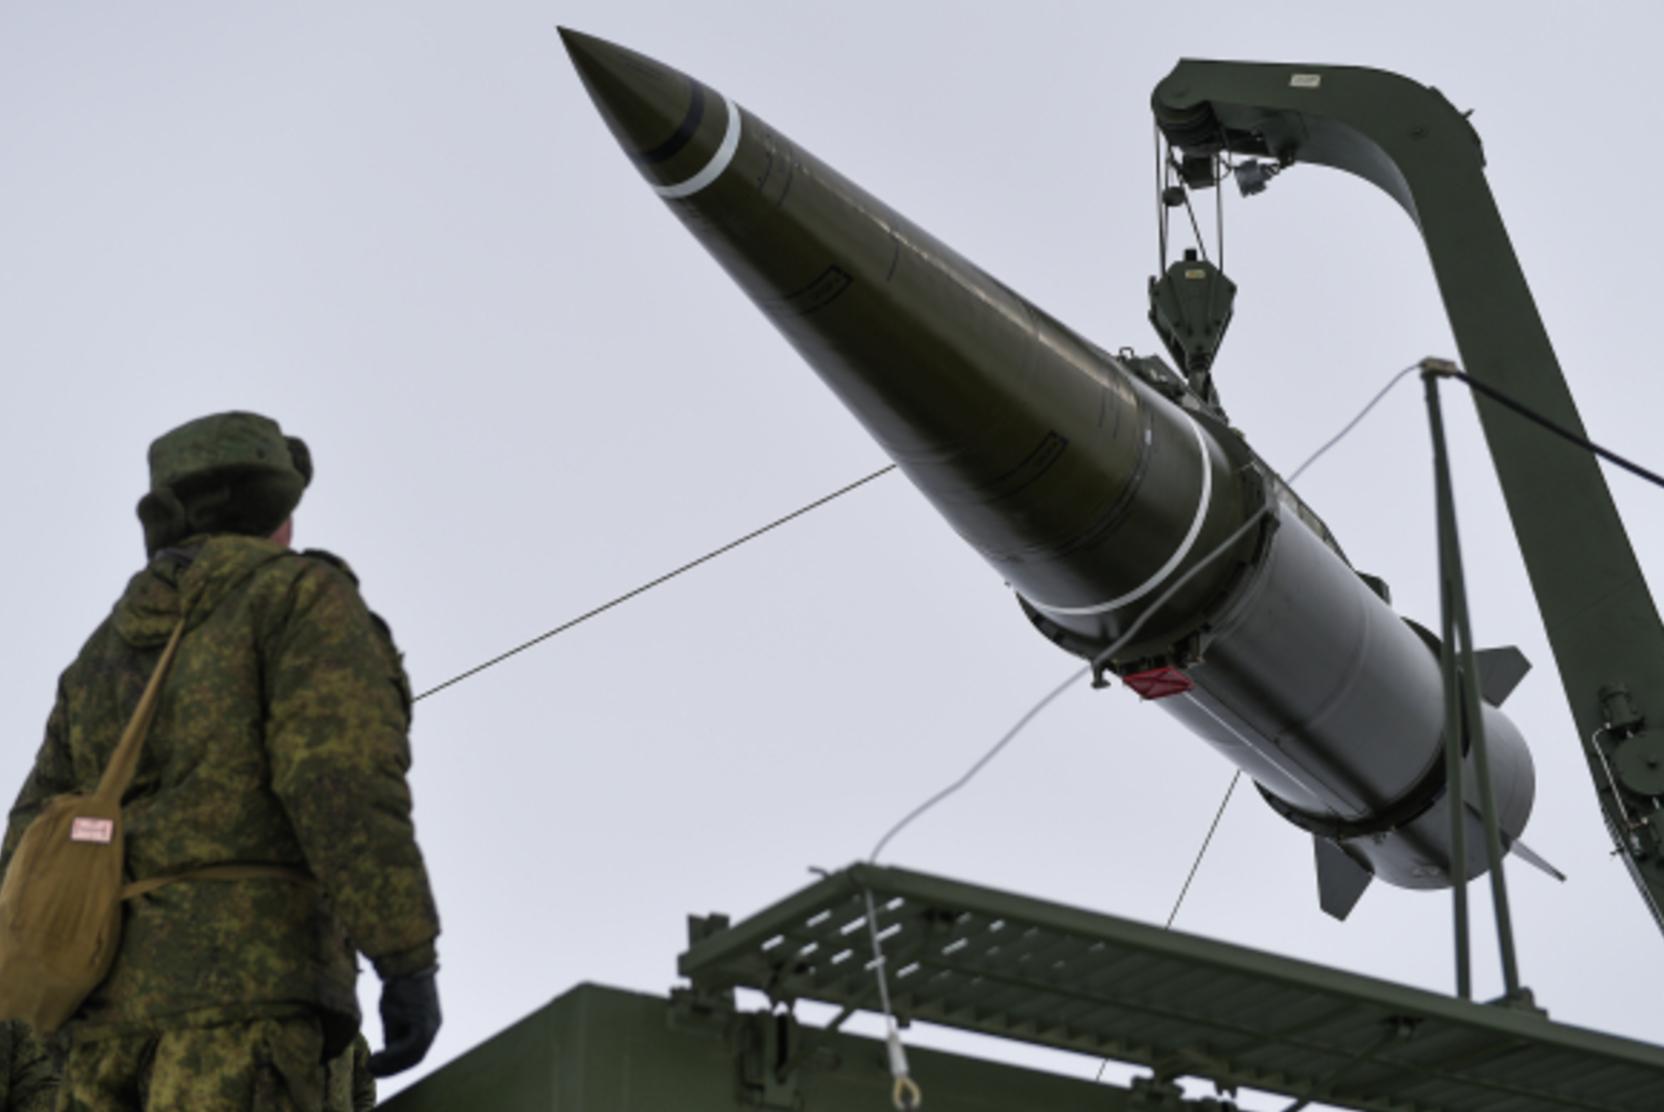 Спецпредставитель США: Россия должна убрать ракеты, нарушающие ДРСМД